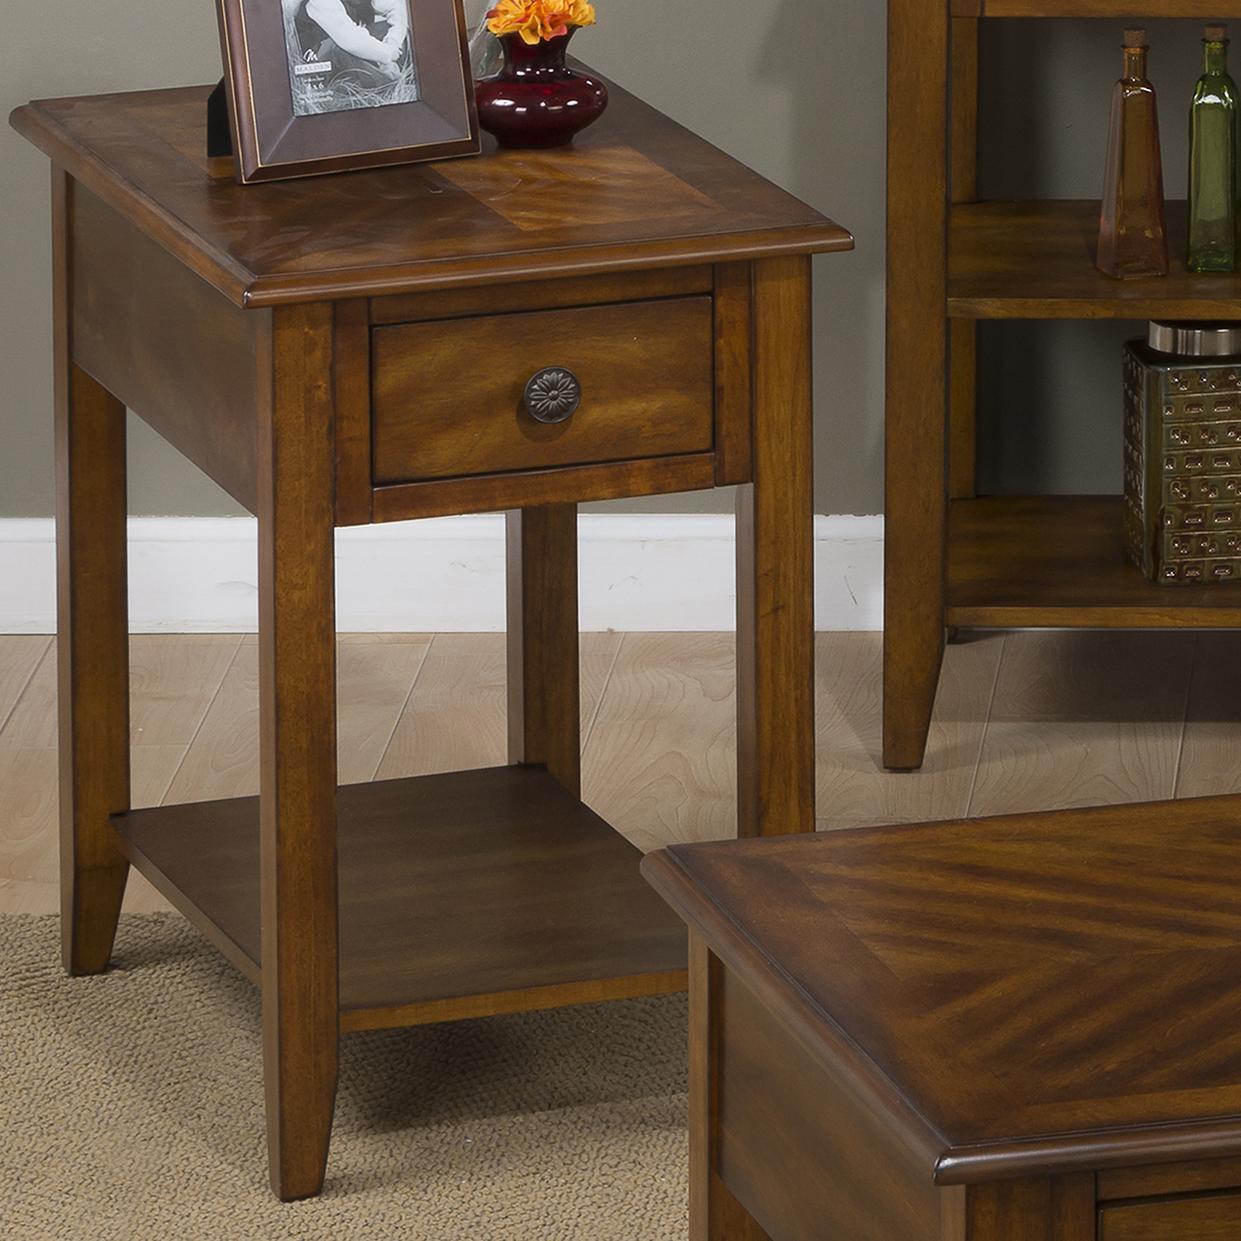 Kesling Kesling Chairside Table by Jofran at Morris Home